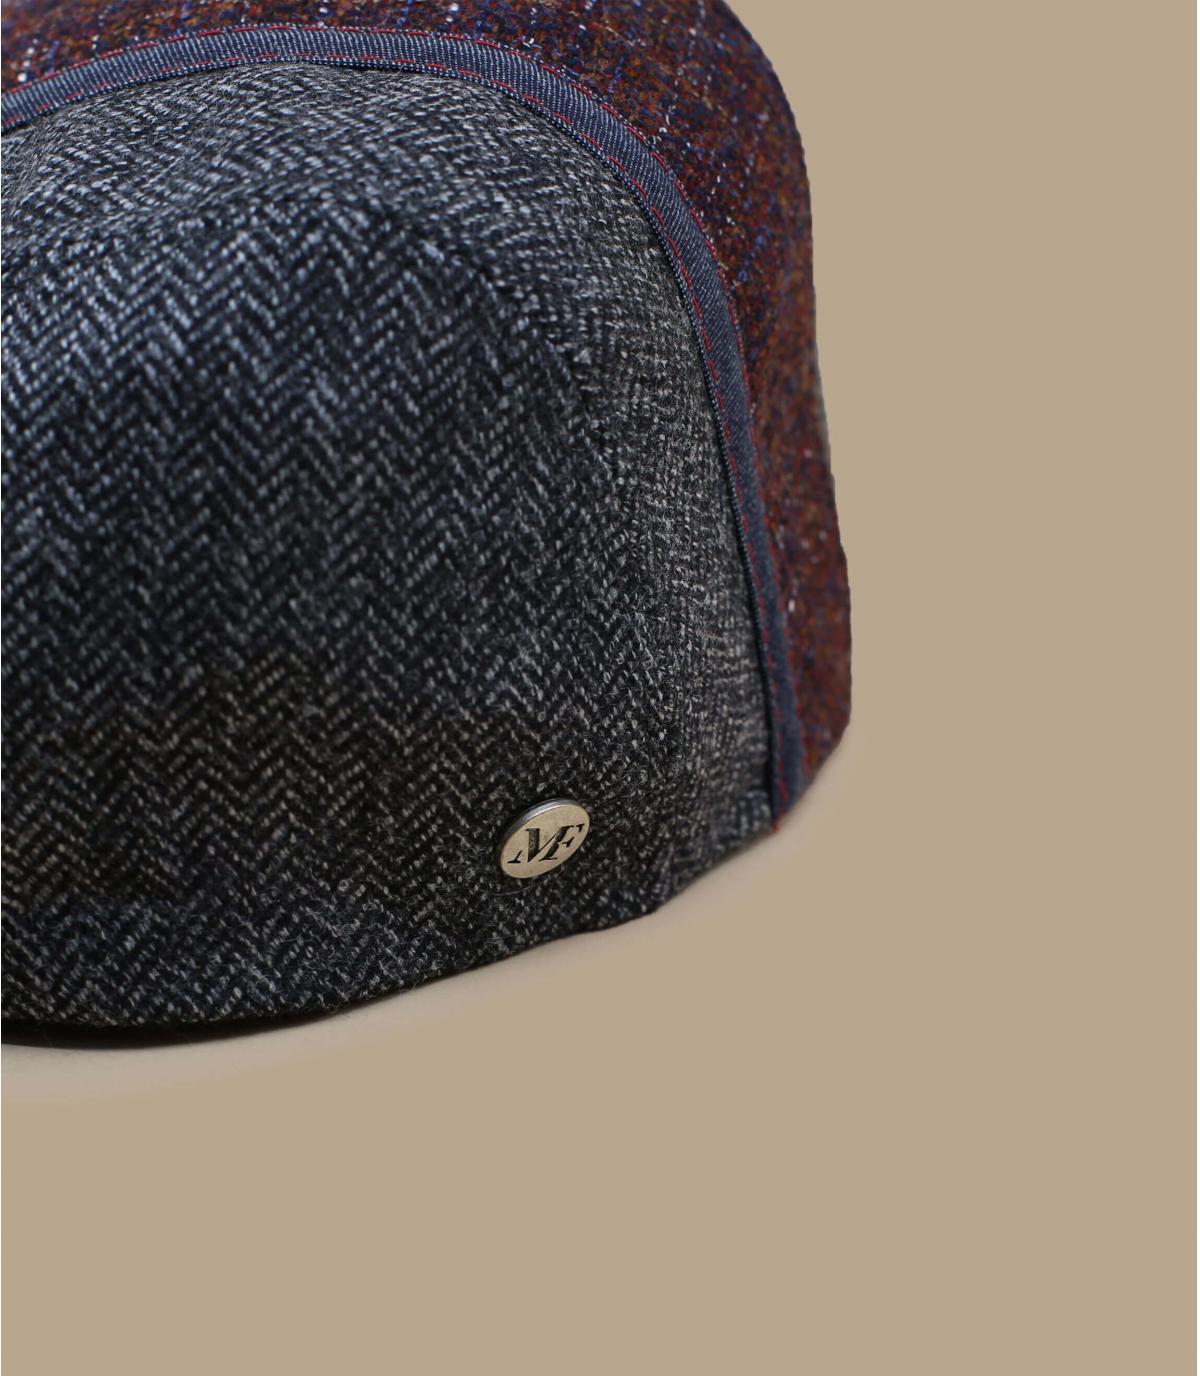 béret bicolore gris bordeaux